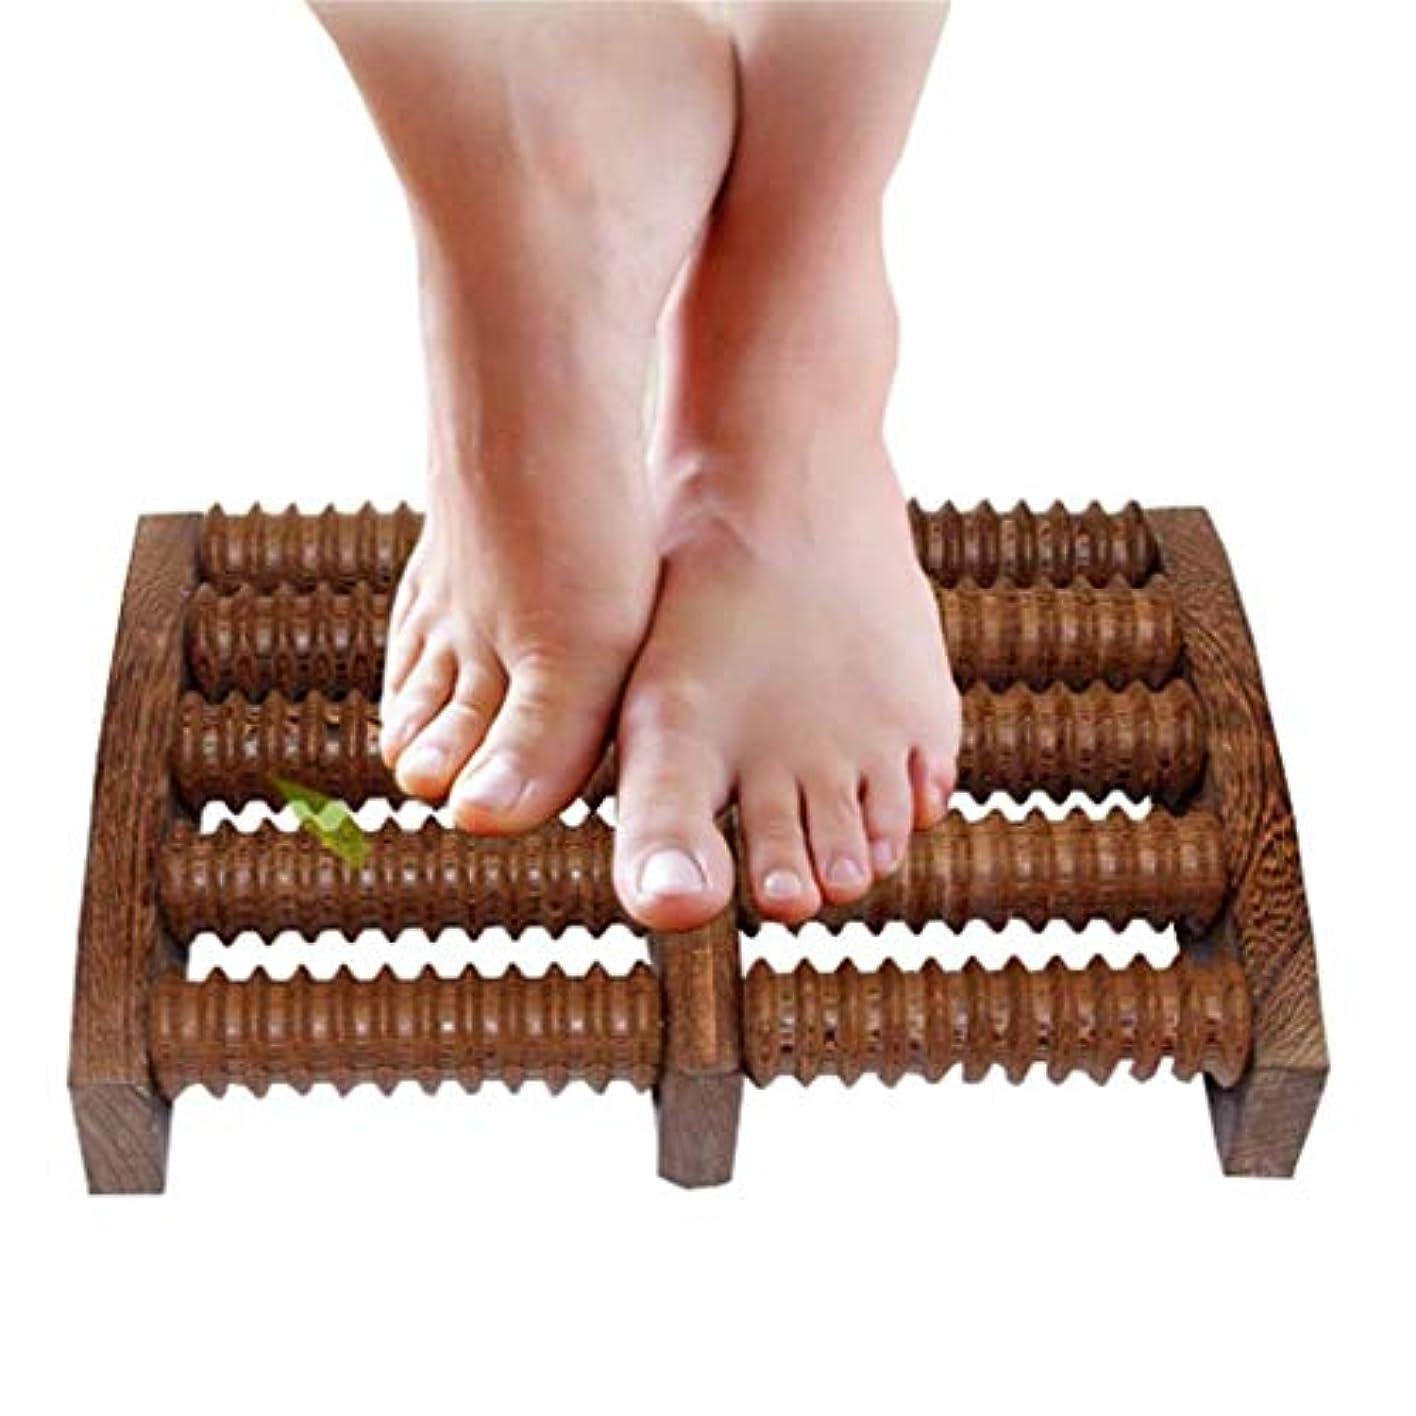 木製足裏マッサージローラーは、足底筋膜炎の治療のために圧力/かかととアーチの痛みを和らげ、筋肉と足のマッサージャーをリラックスさせます (Color : B)